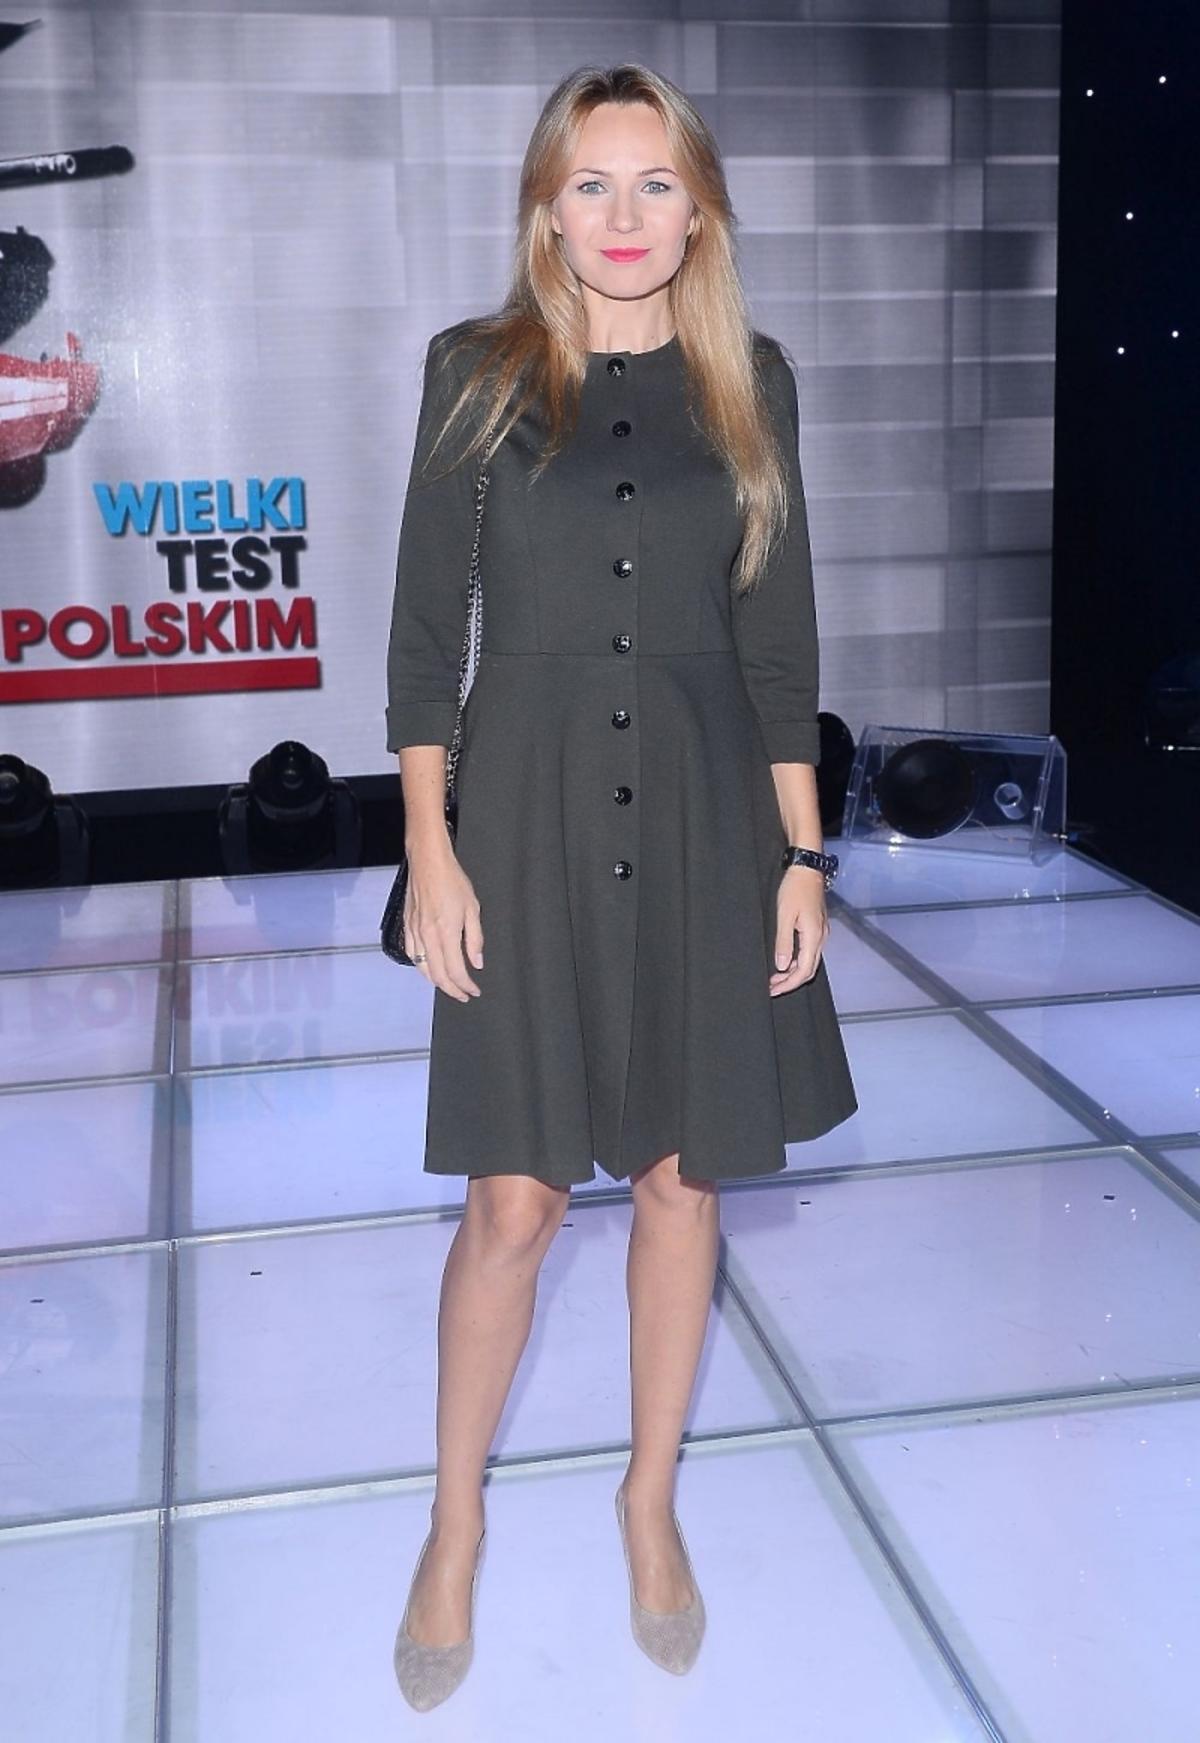 Anna Guzik na teście wiedzy o Wojsk Polskim